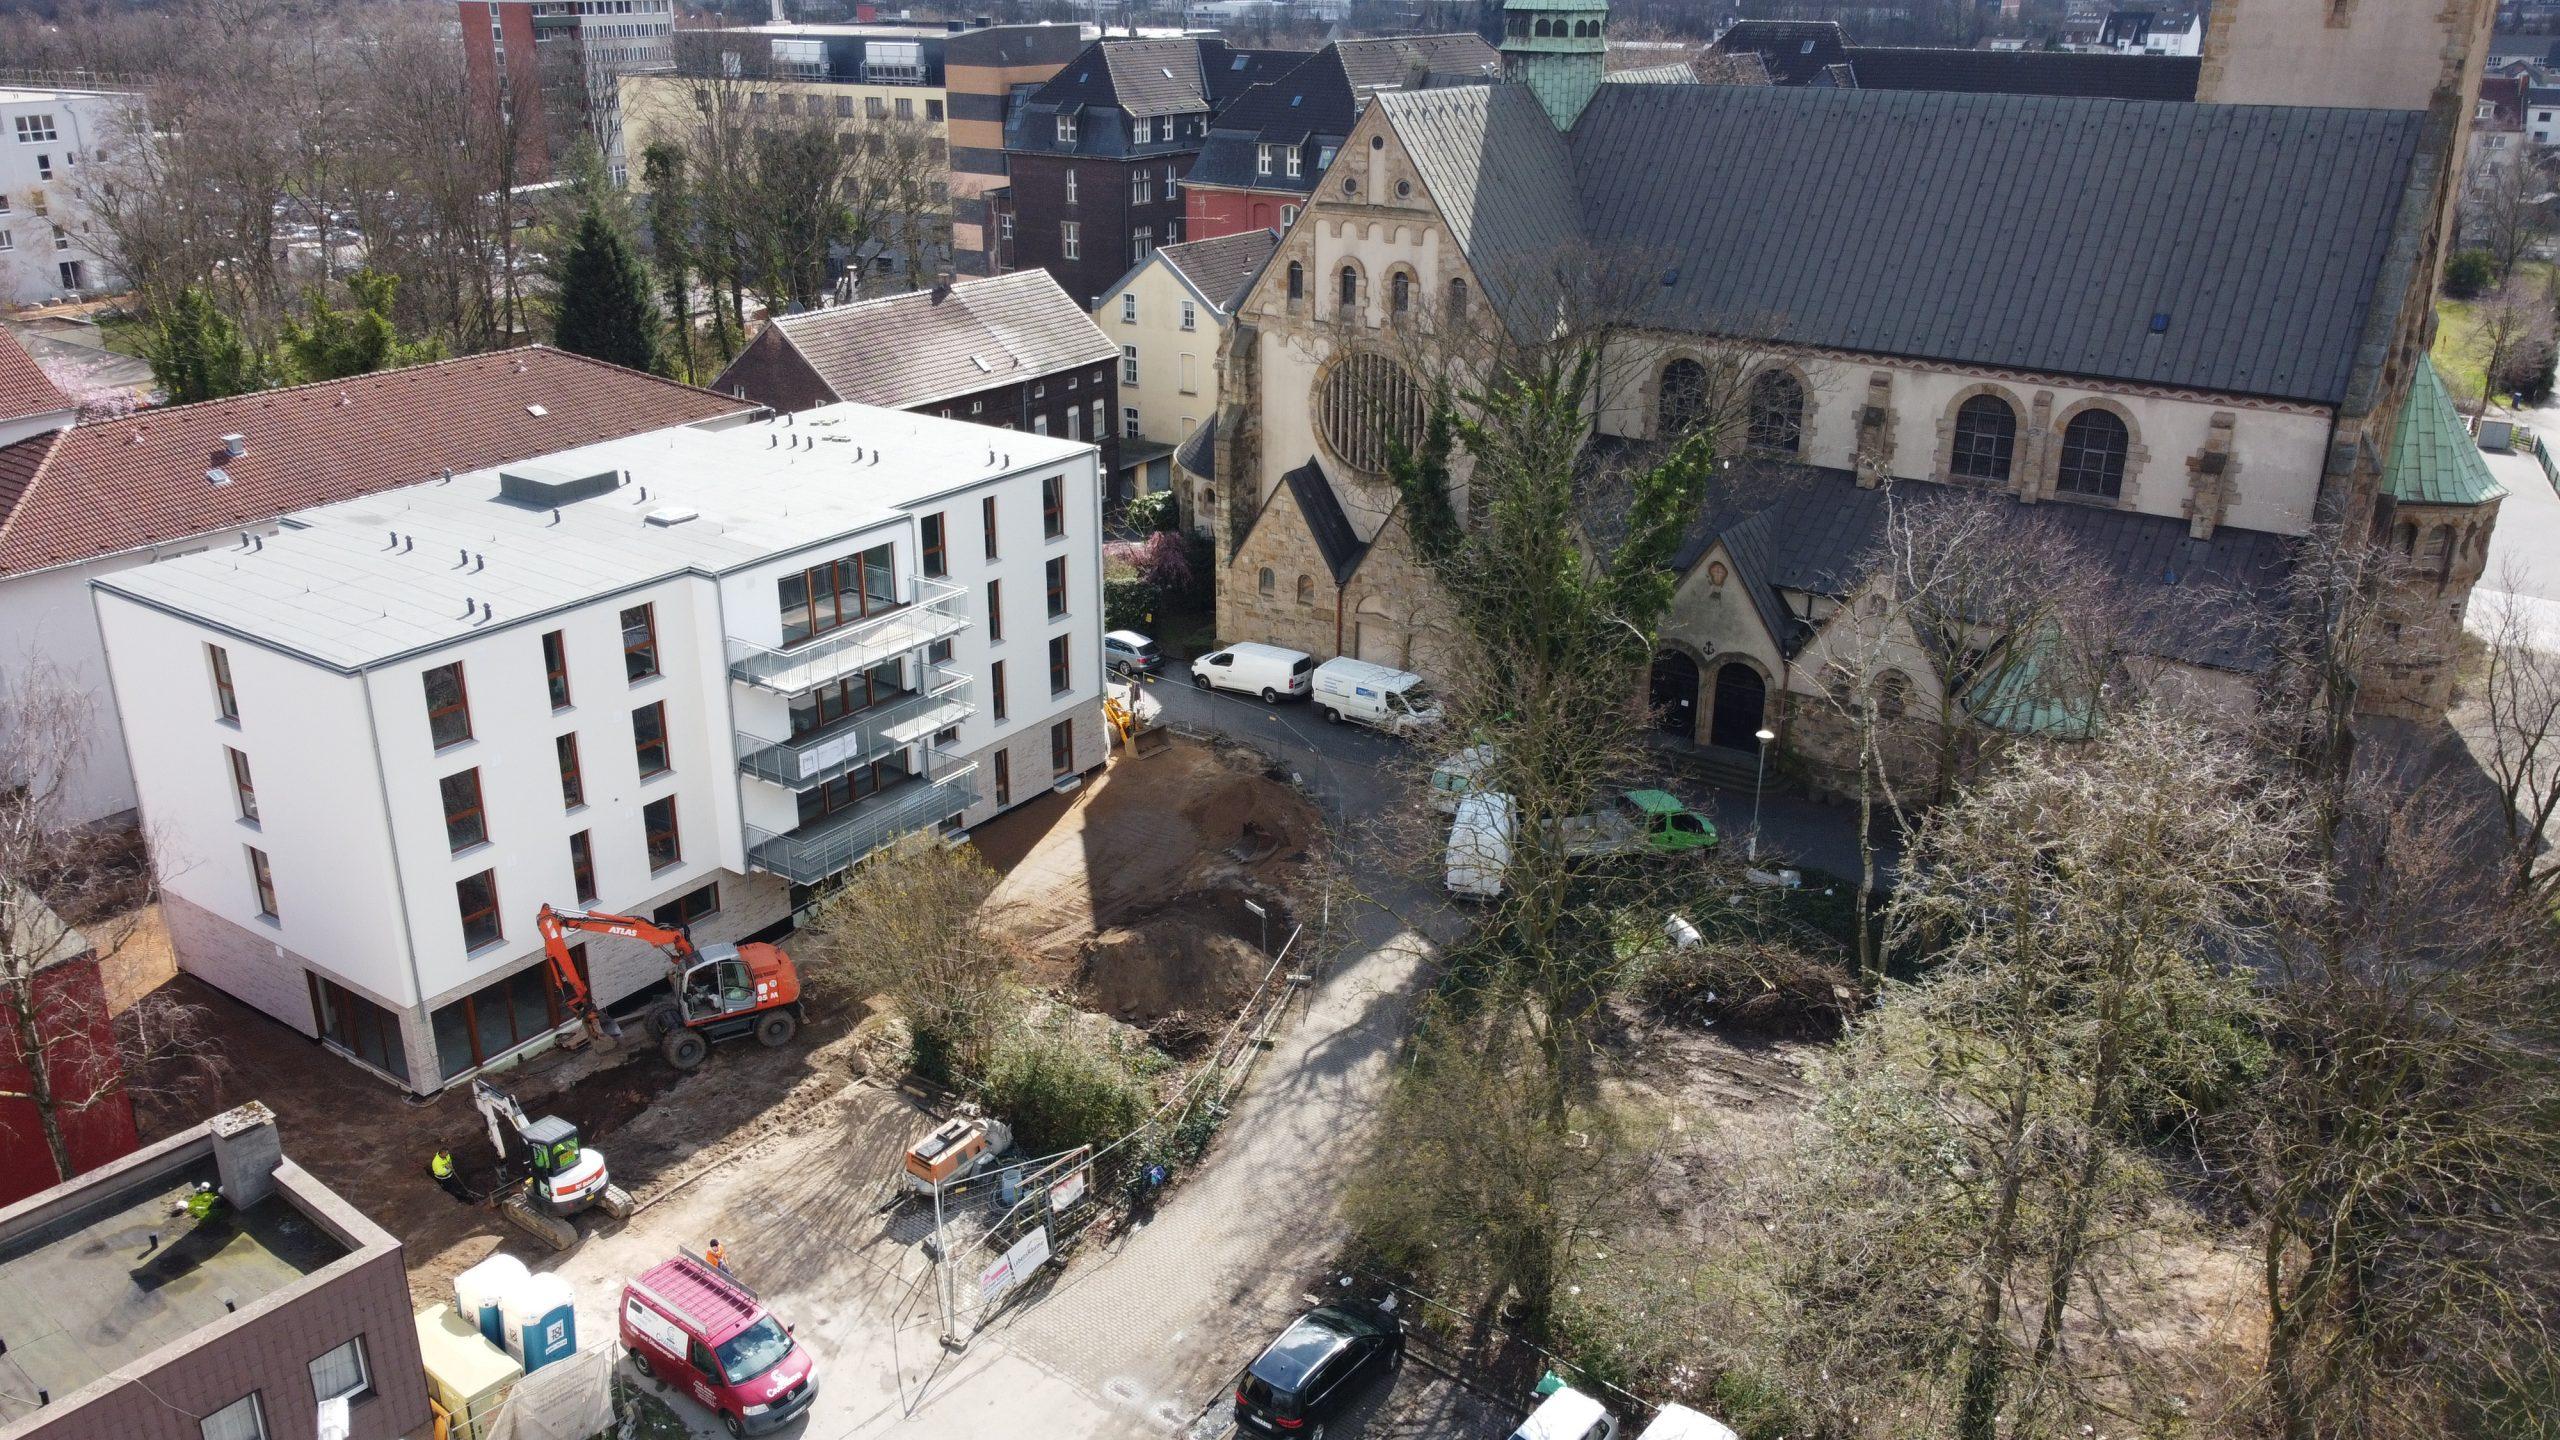 Luftaufnahme des Geländes an der Wanheimer Straße 155. Zu sehen ist die neue Wohnstätte und eine Brachfläche mit Bäumen.